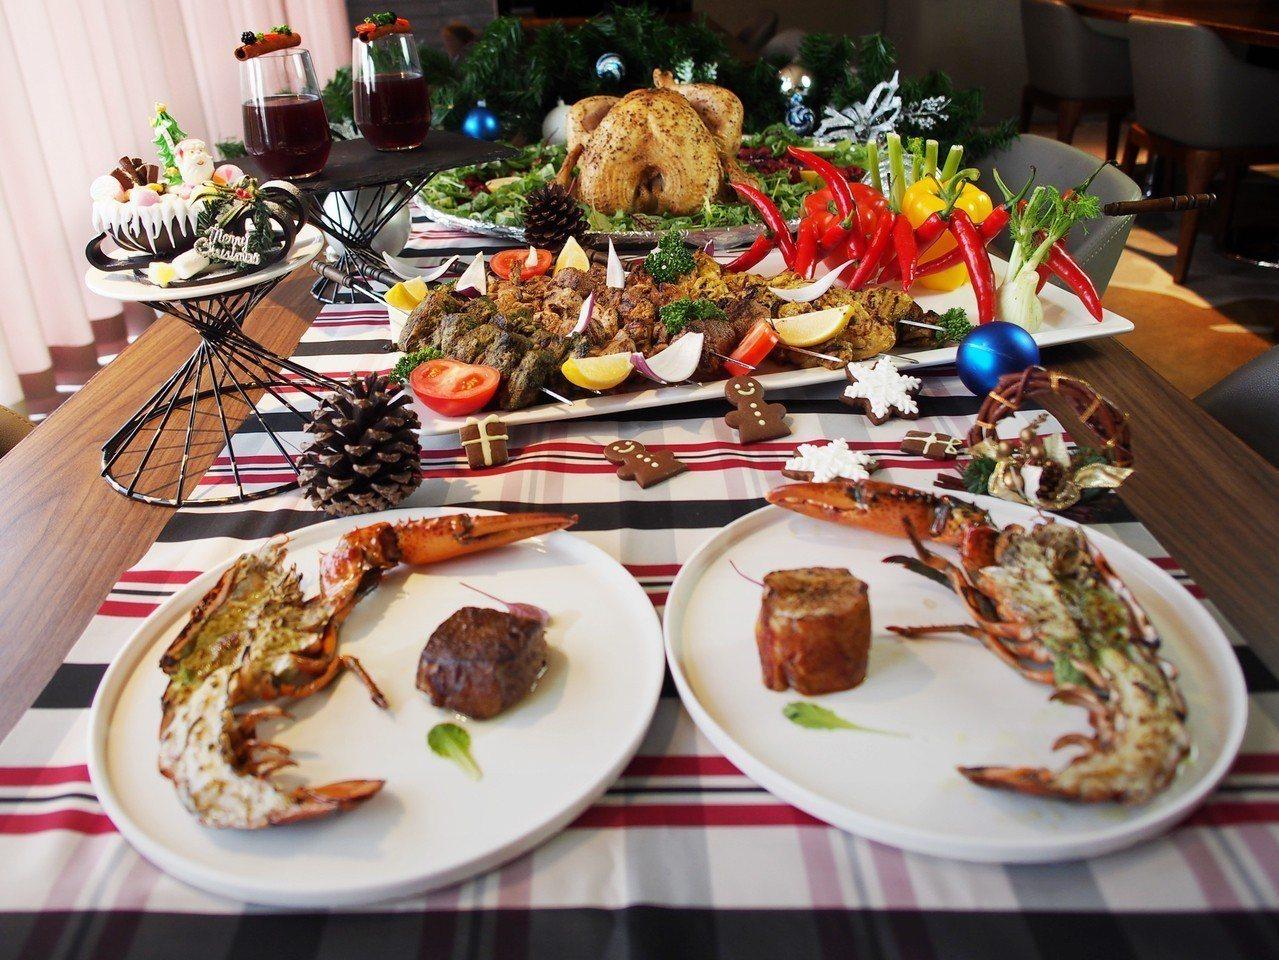 竹湖暐順麗緻文旅推出歲末年終「耶誕跨年盛宴」。竹湖暐順麗緻提供